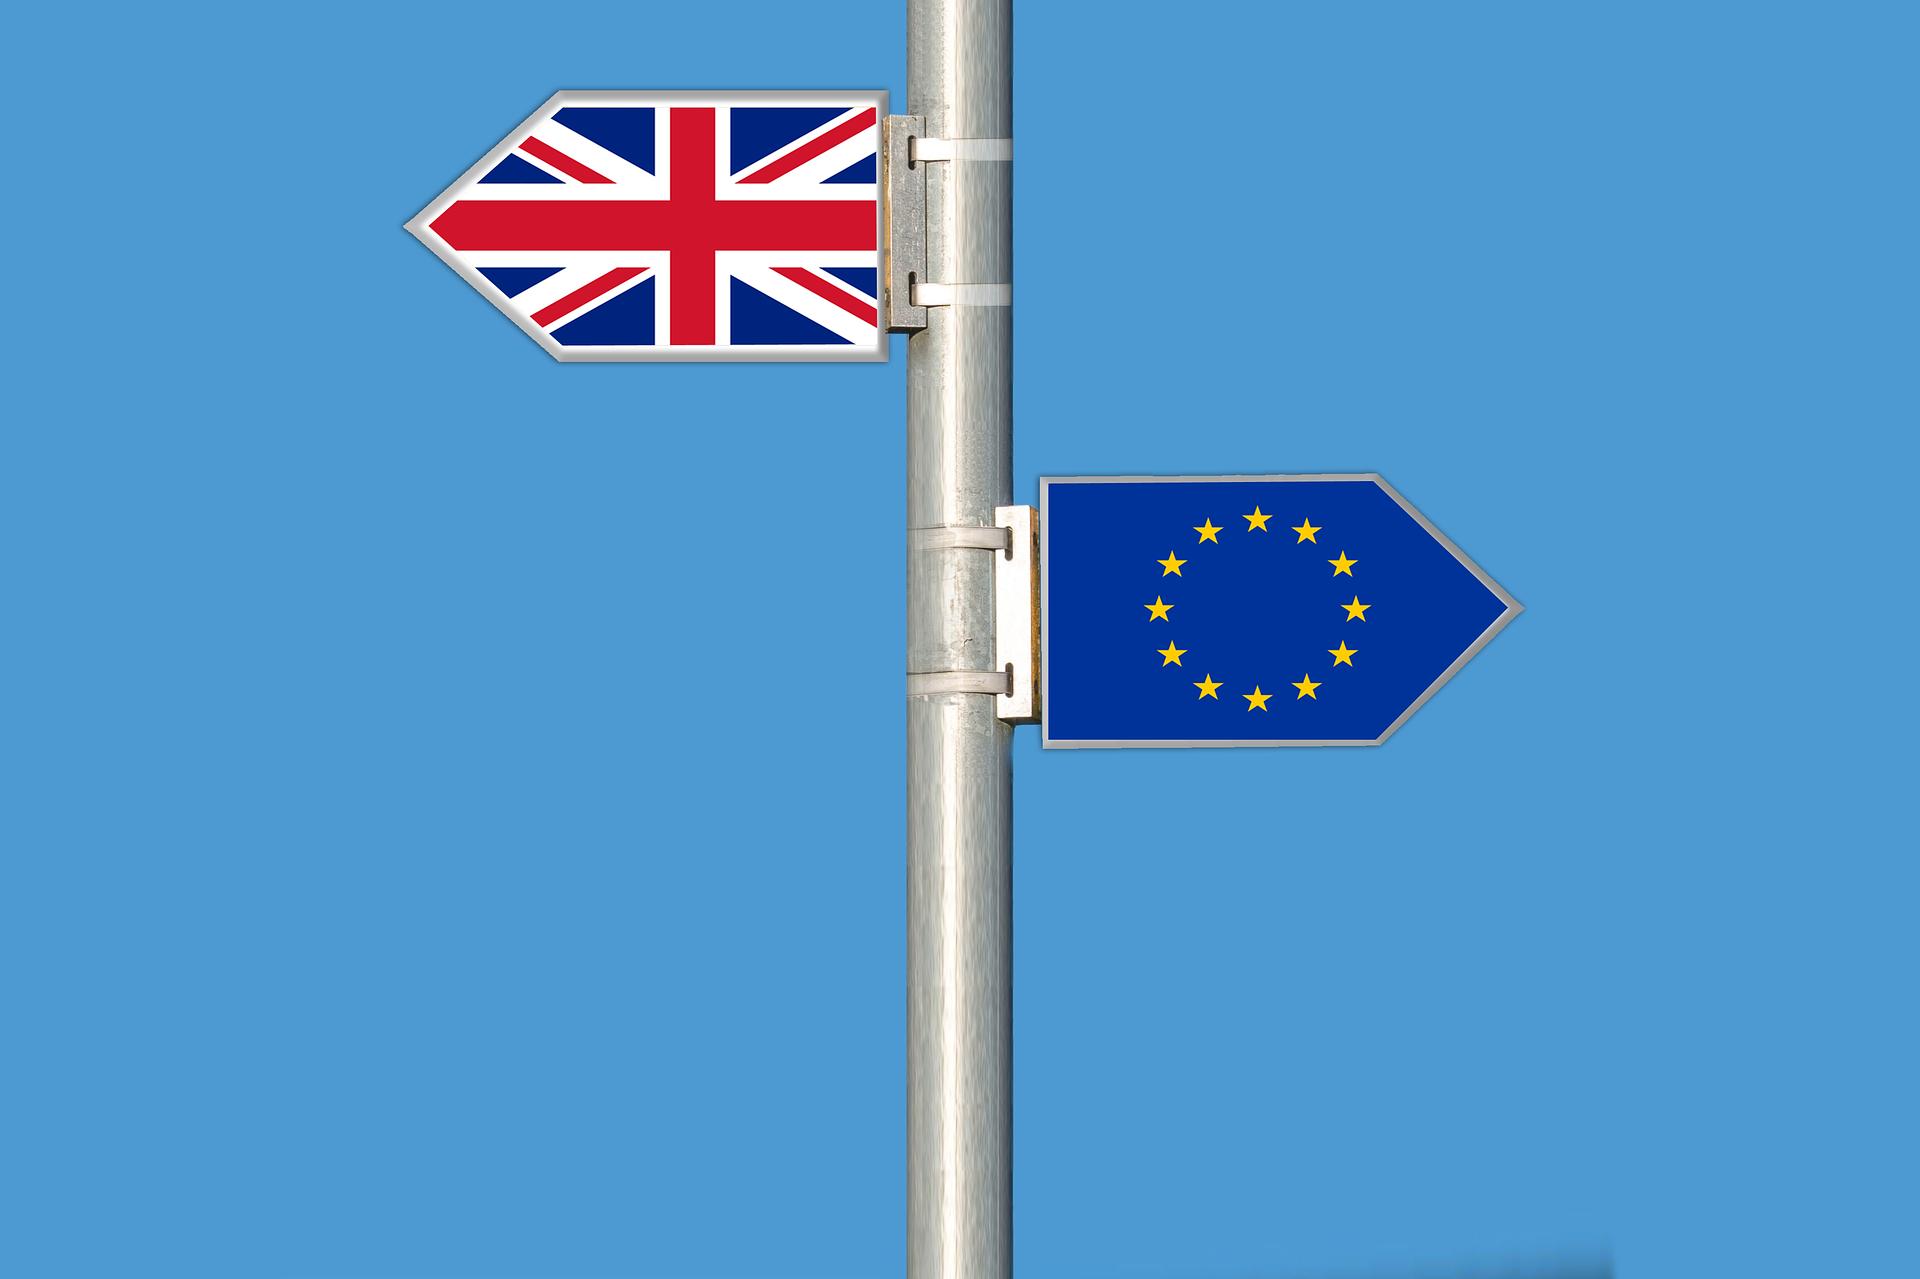 """Großbritannien will """"keine Angleichung an EU-Vorschriften"""" nach Brexit"""